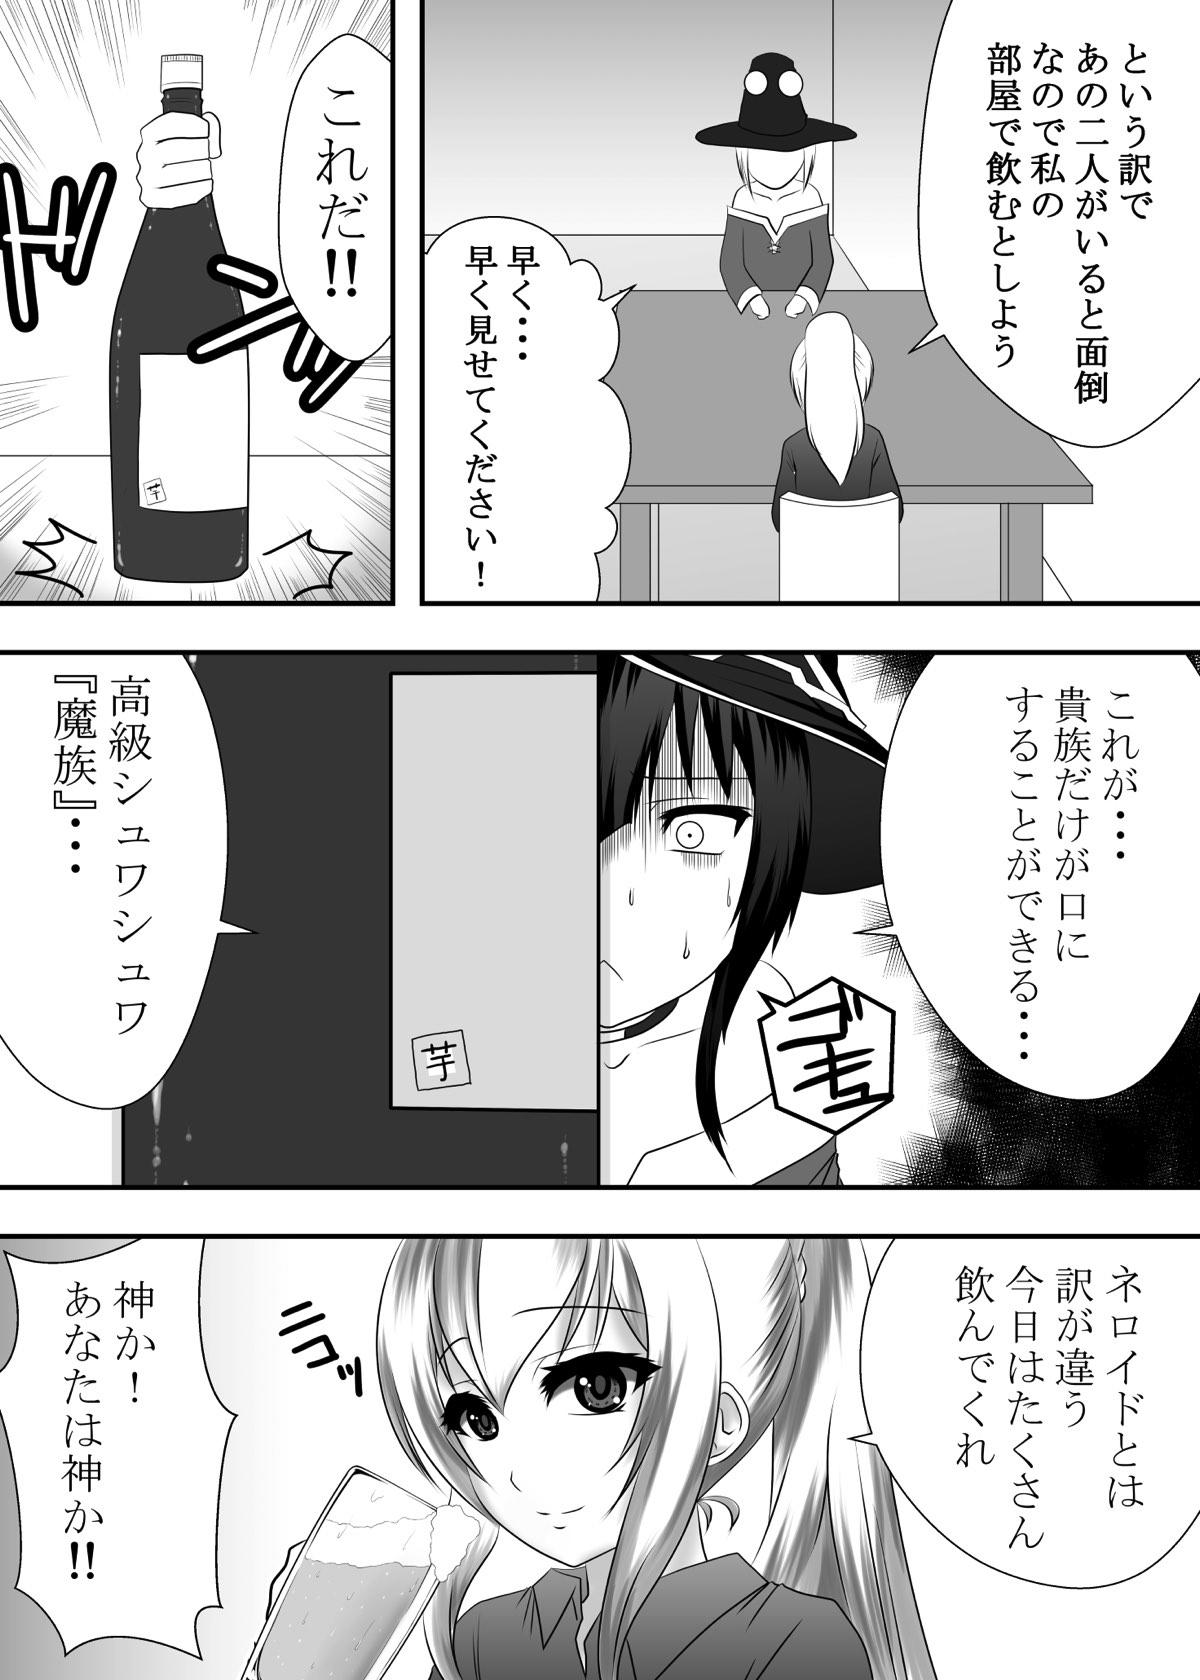 Kono Subarashii Kouin ni Shasei o! 2